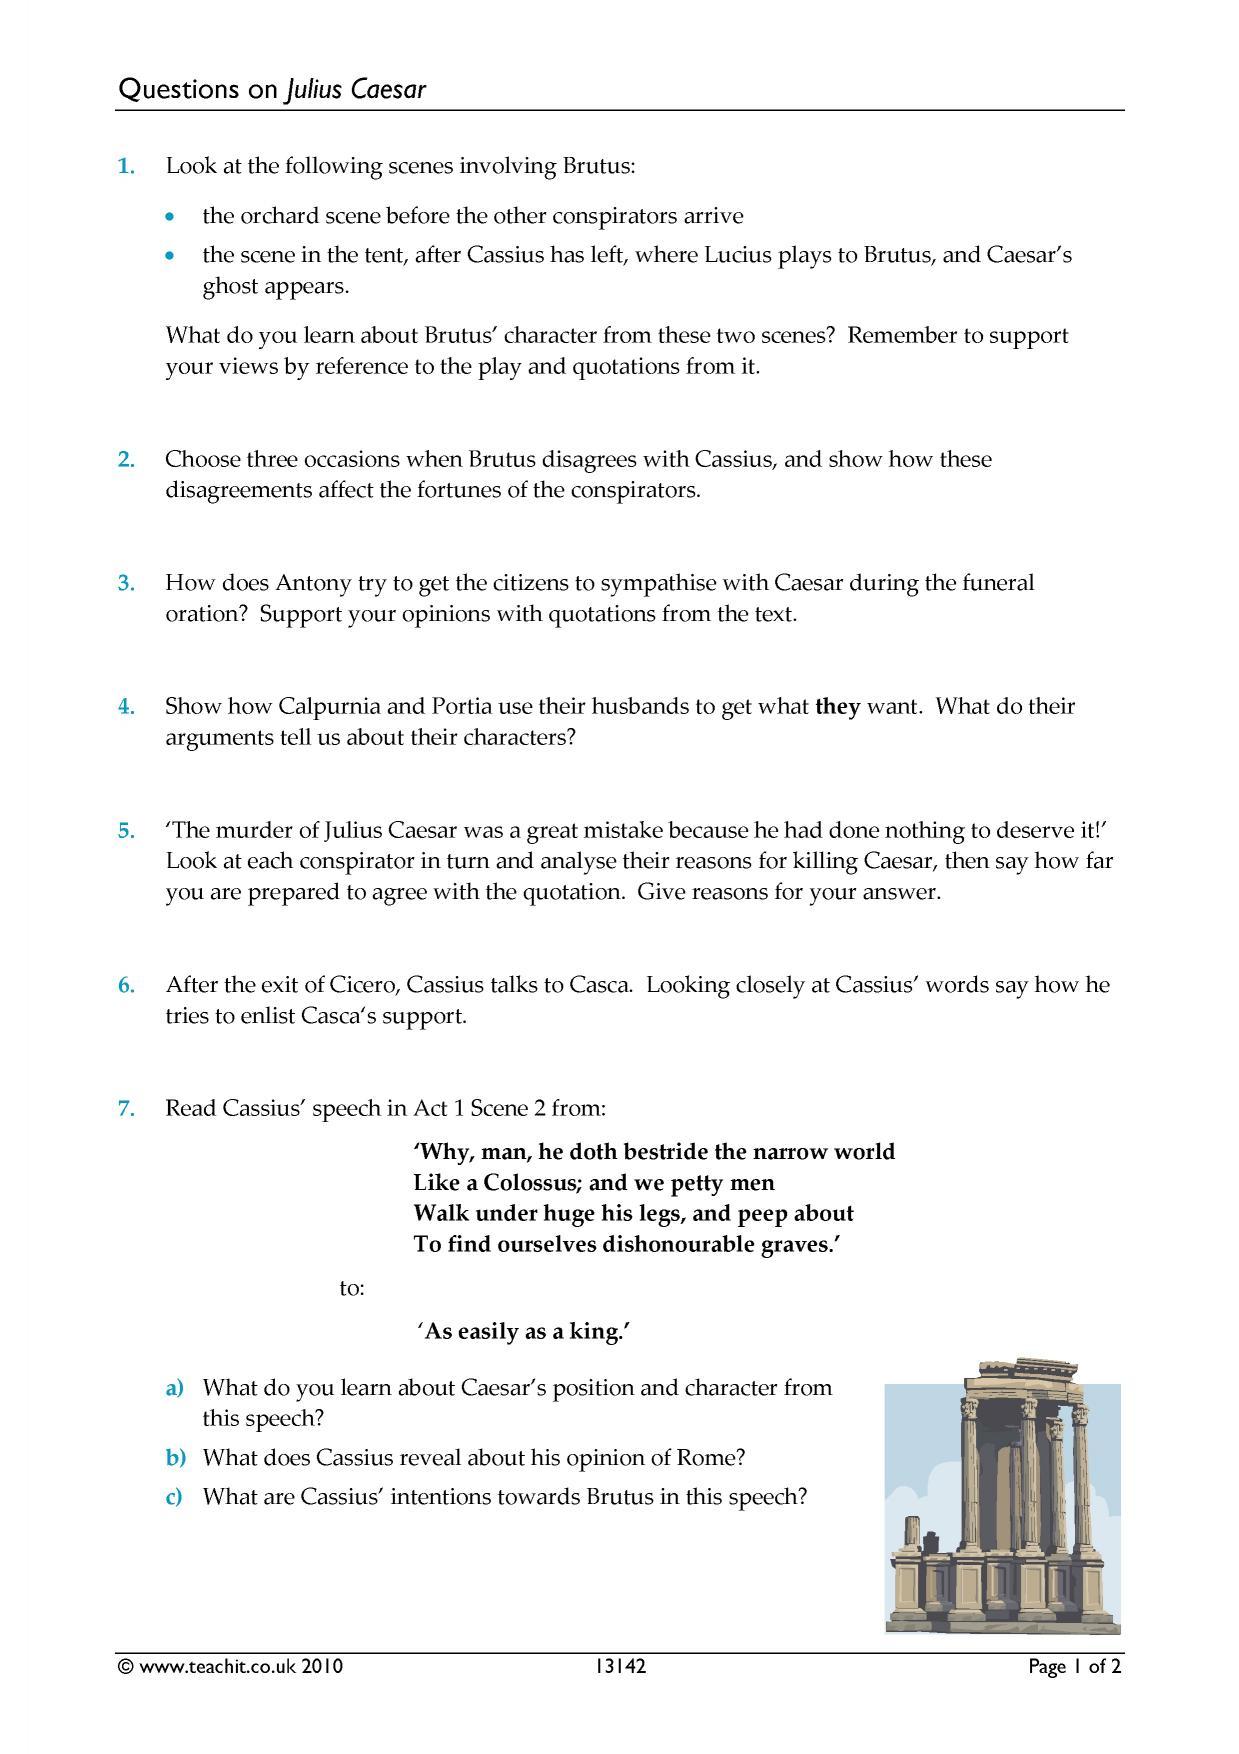 Questions On Julius Caesar